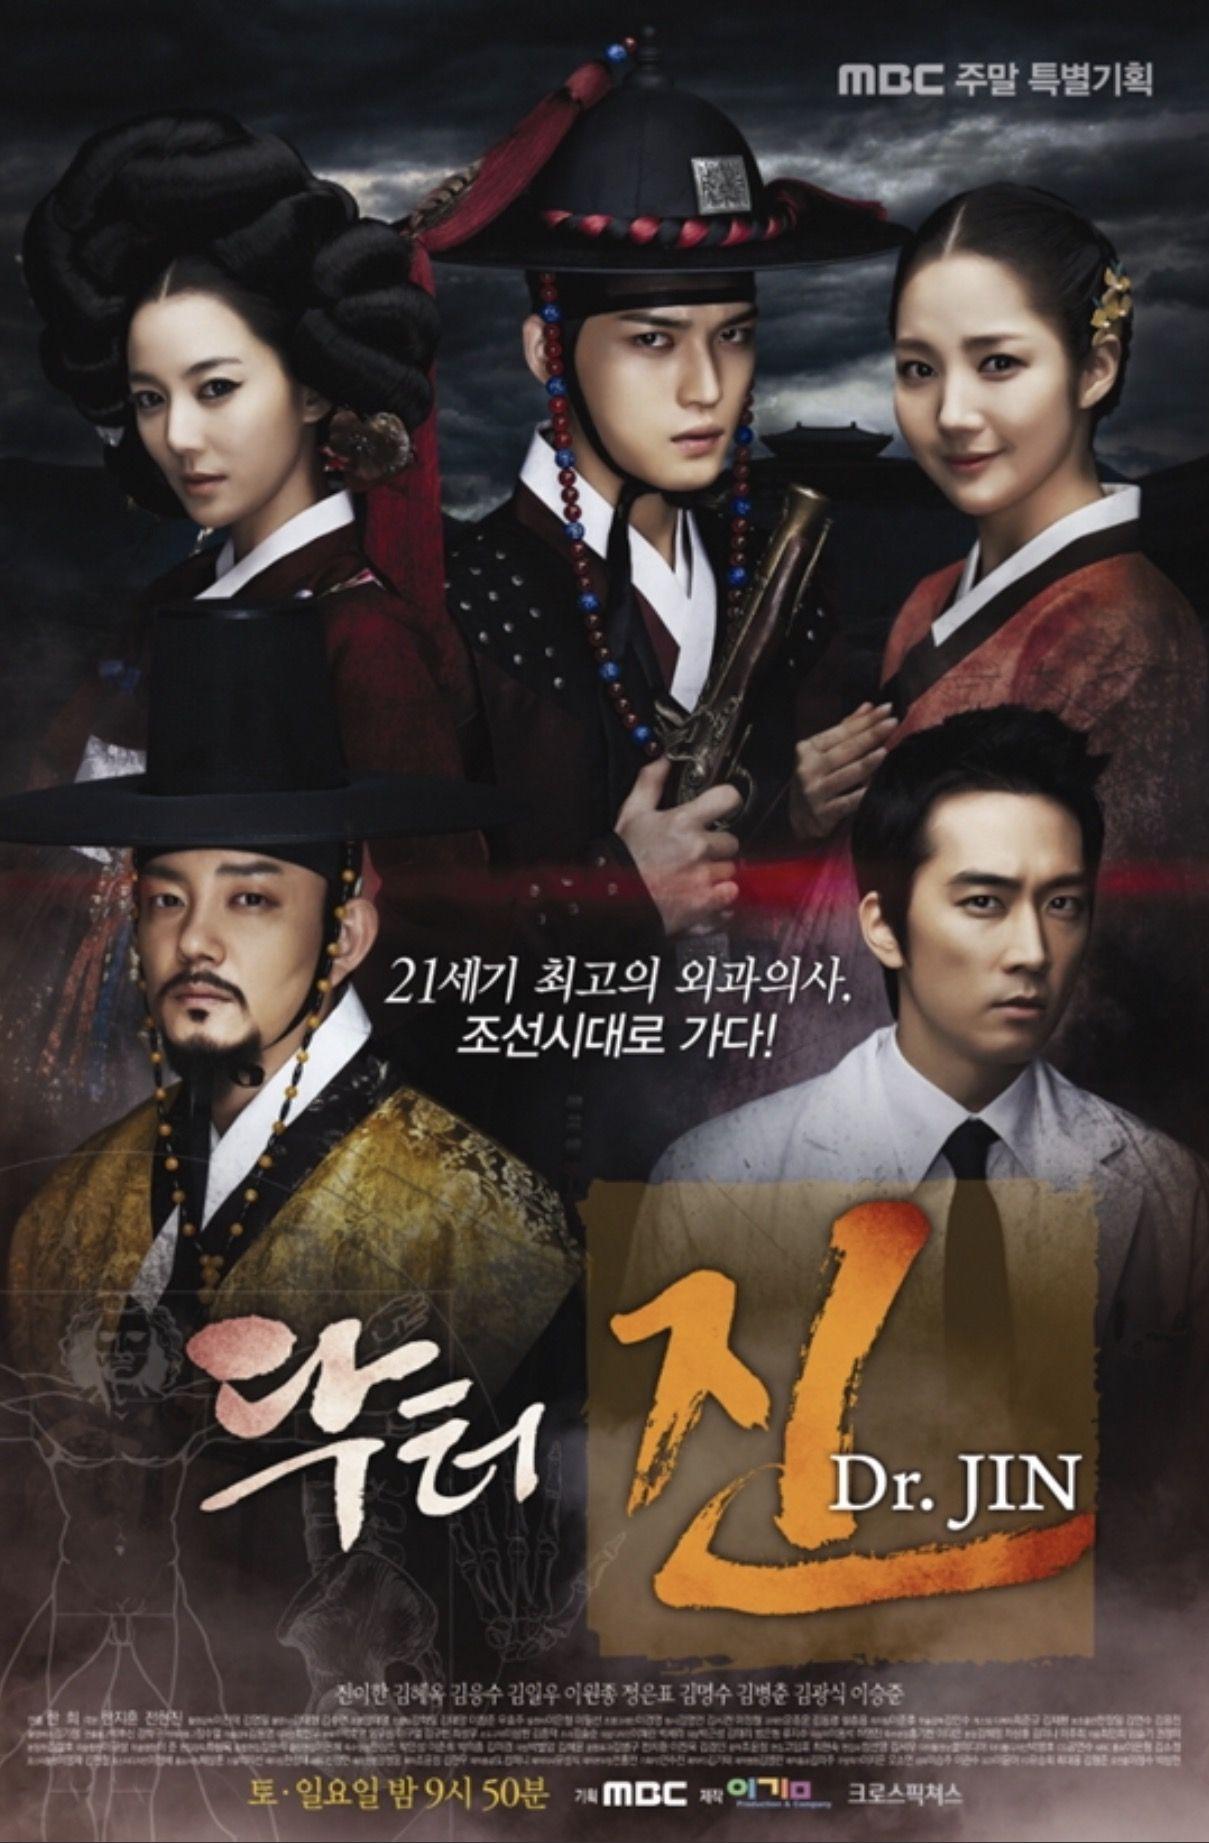 Dr jin song seung heon korean drama movies drama movies